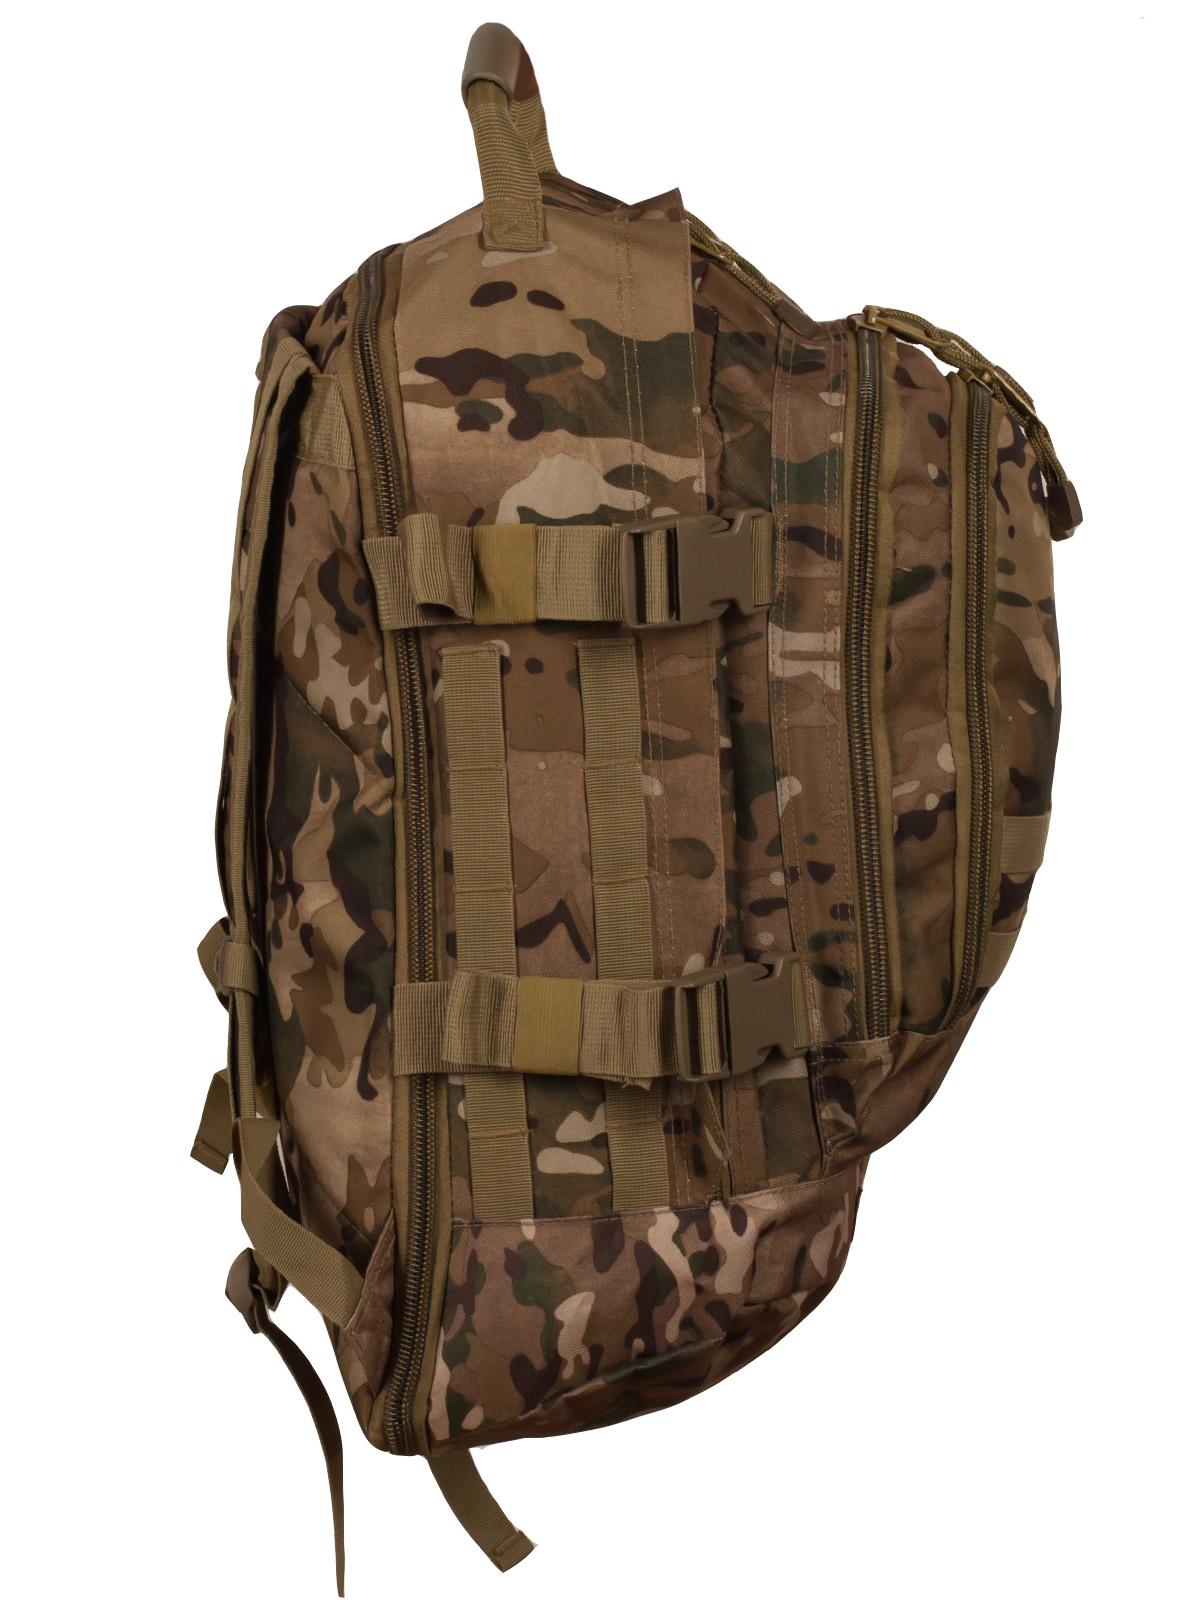 Тактический рюкзак разведчика 3-Day Expandable Backpack 08002B Multicam